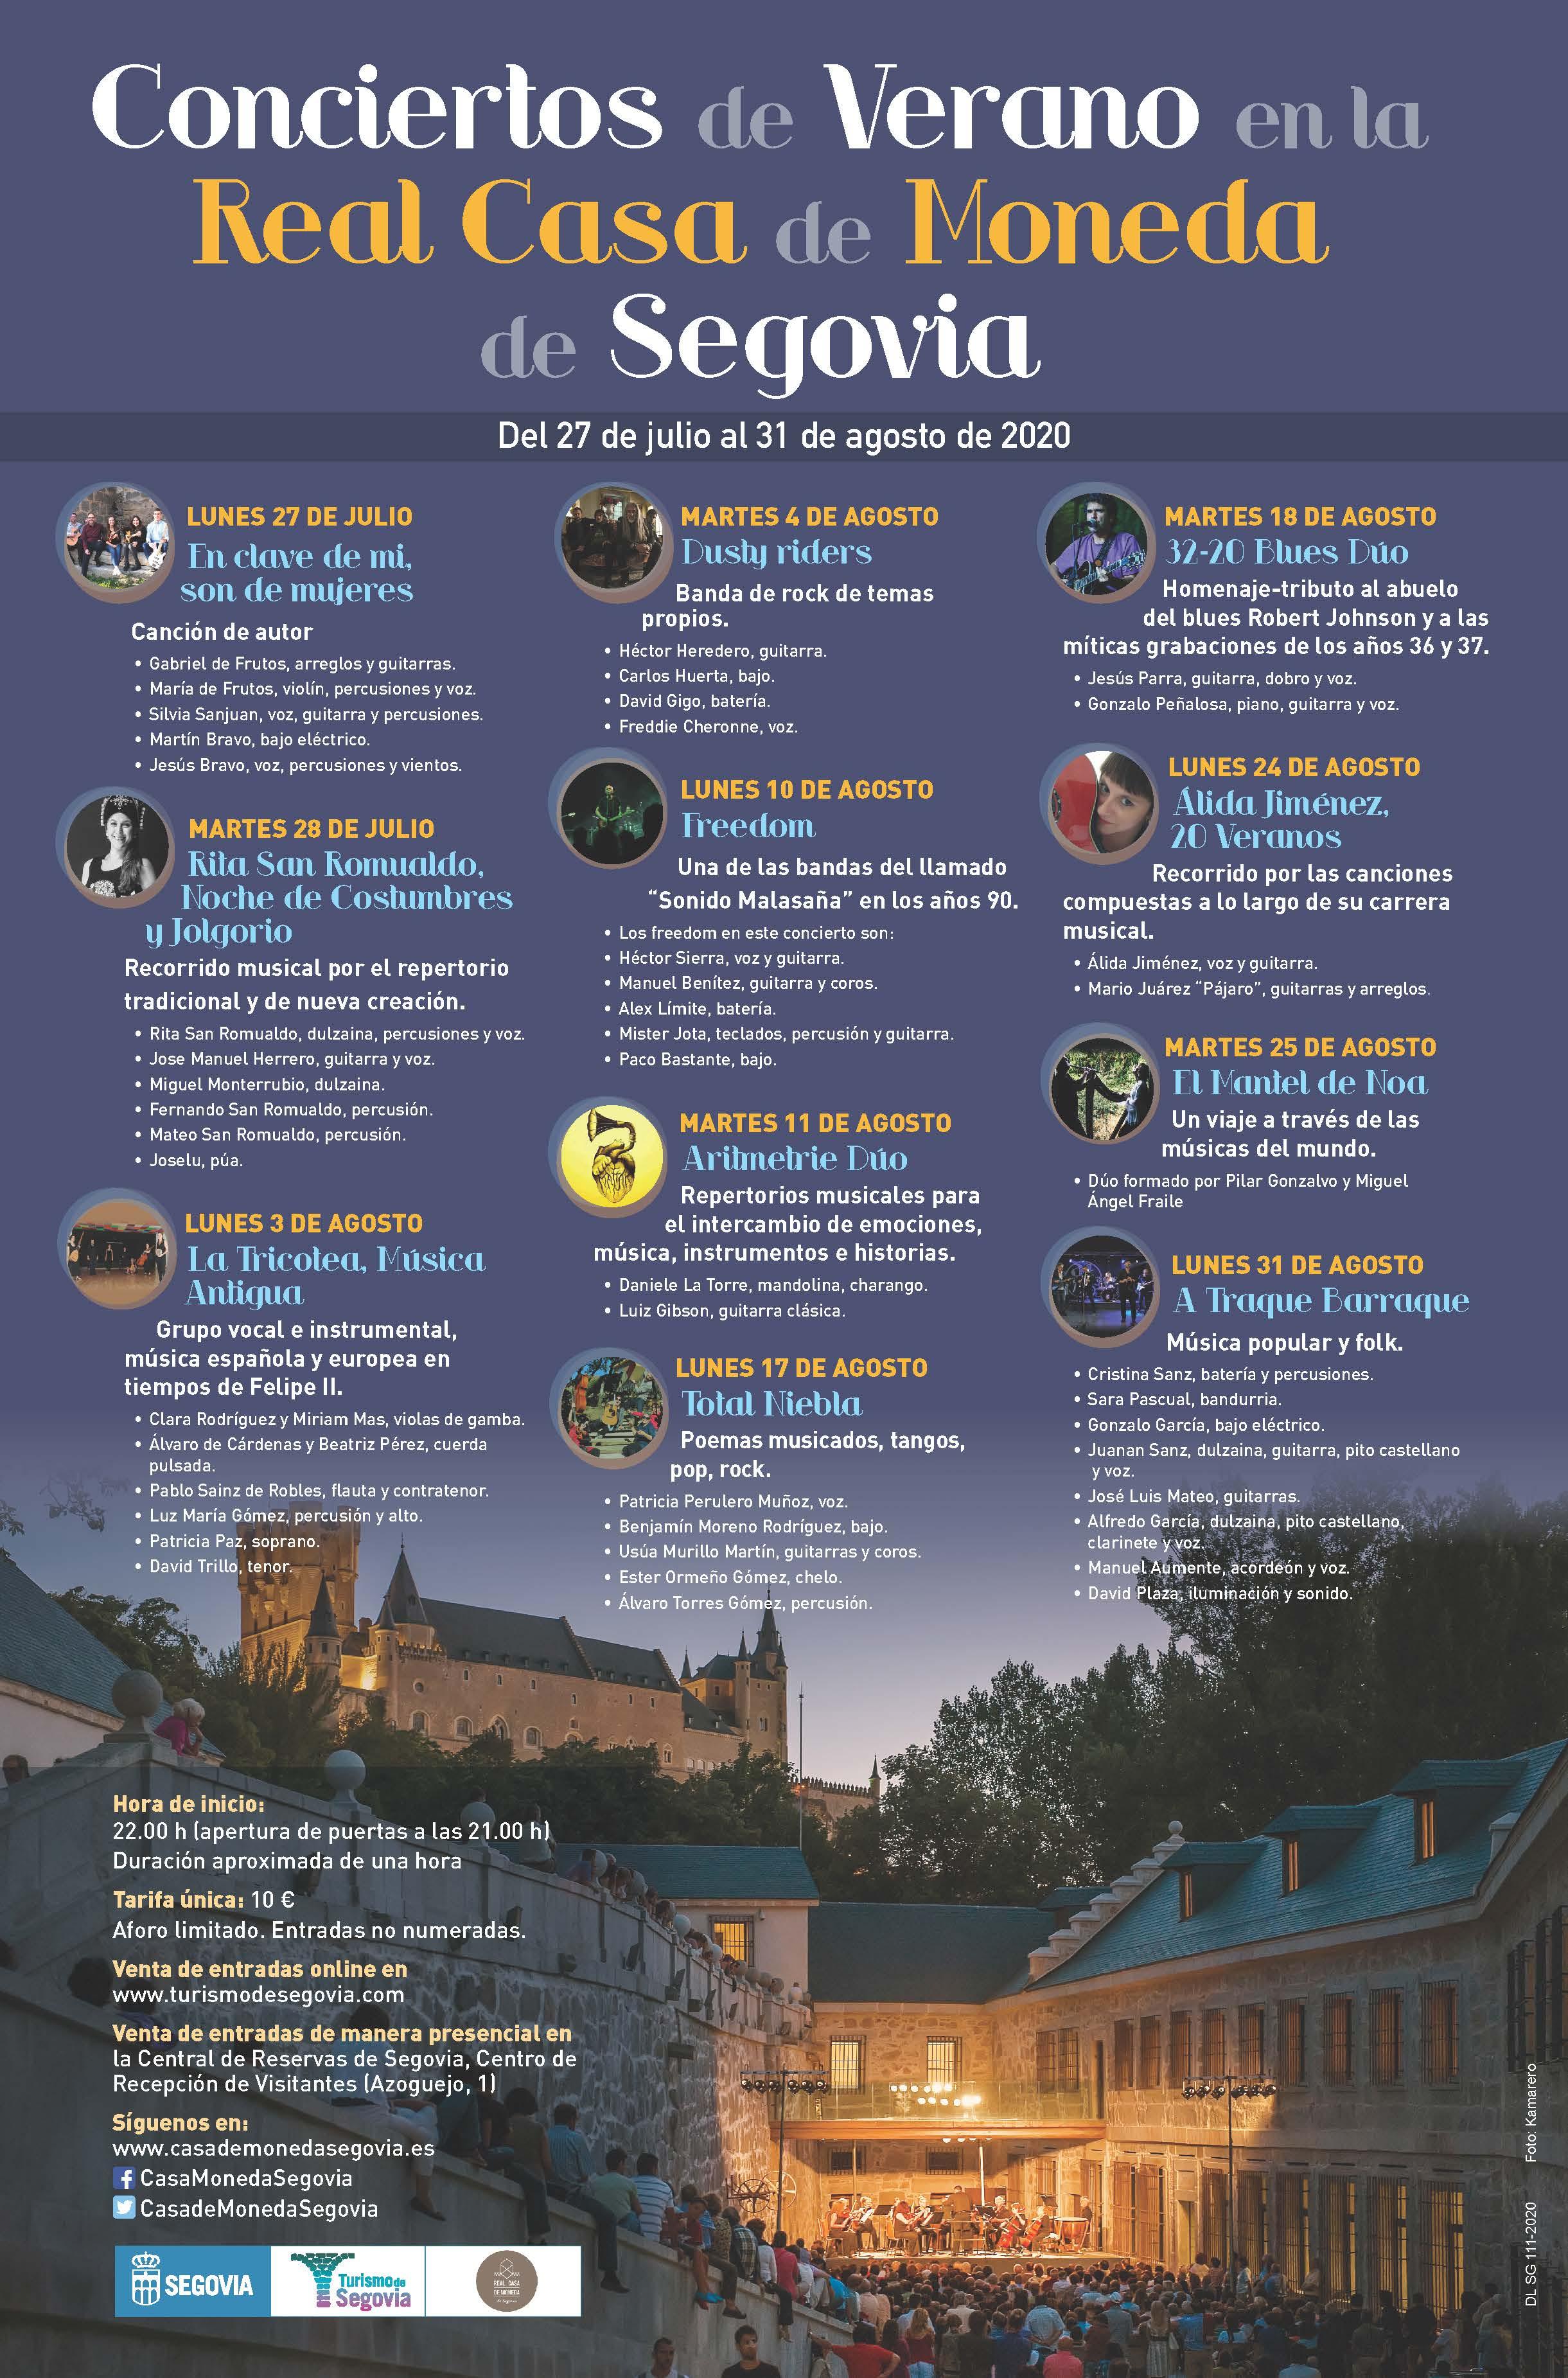 images 2020 07 13 Summer Concerts at Real Casa de Moneda cartel 1 3b17ee41